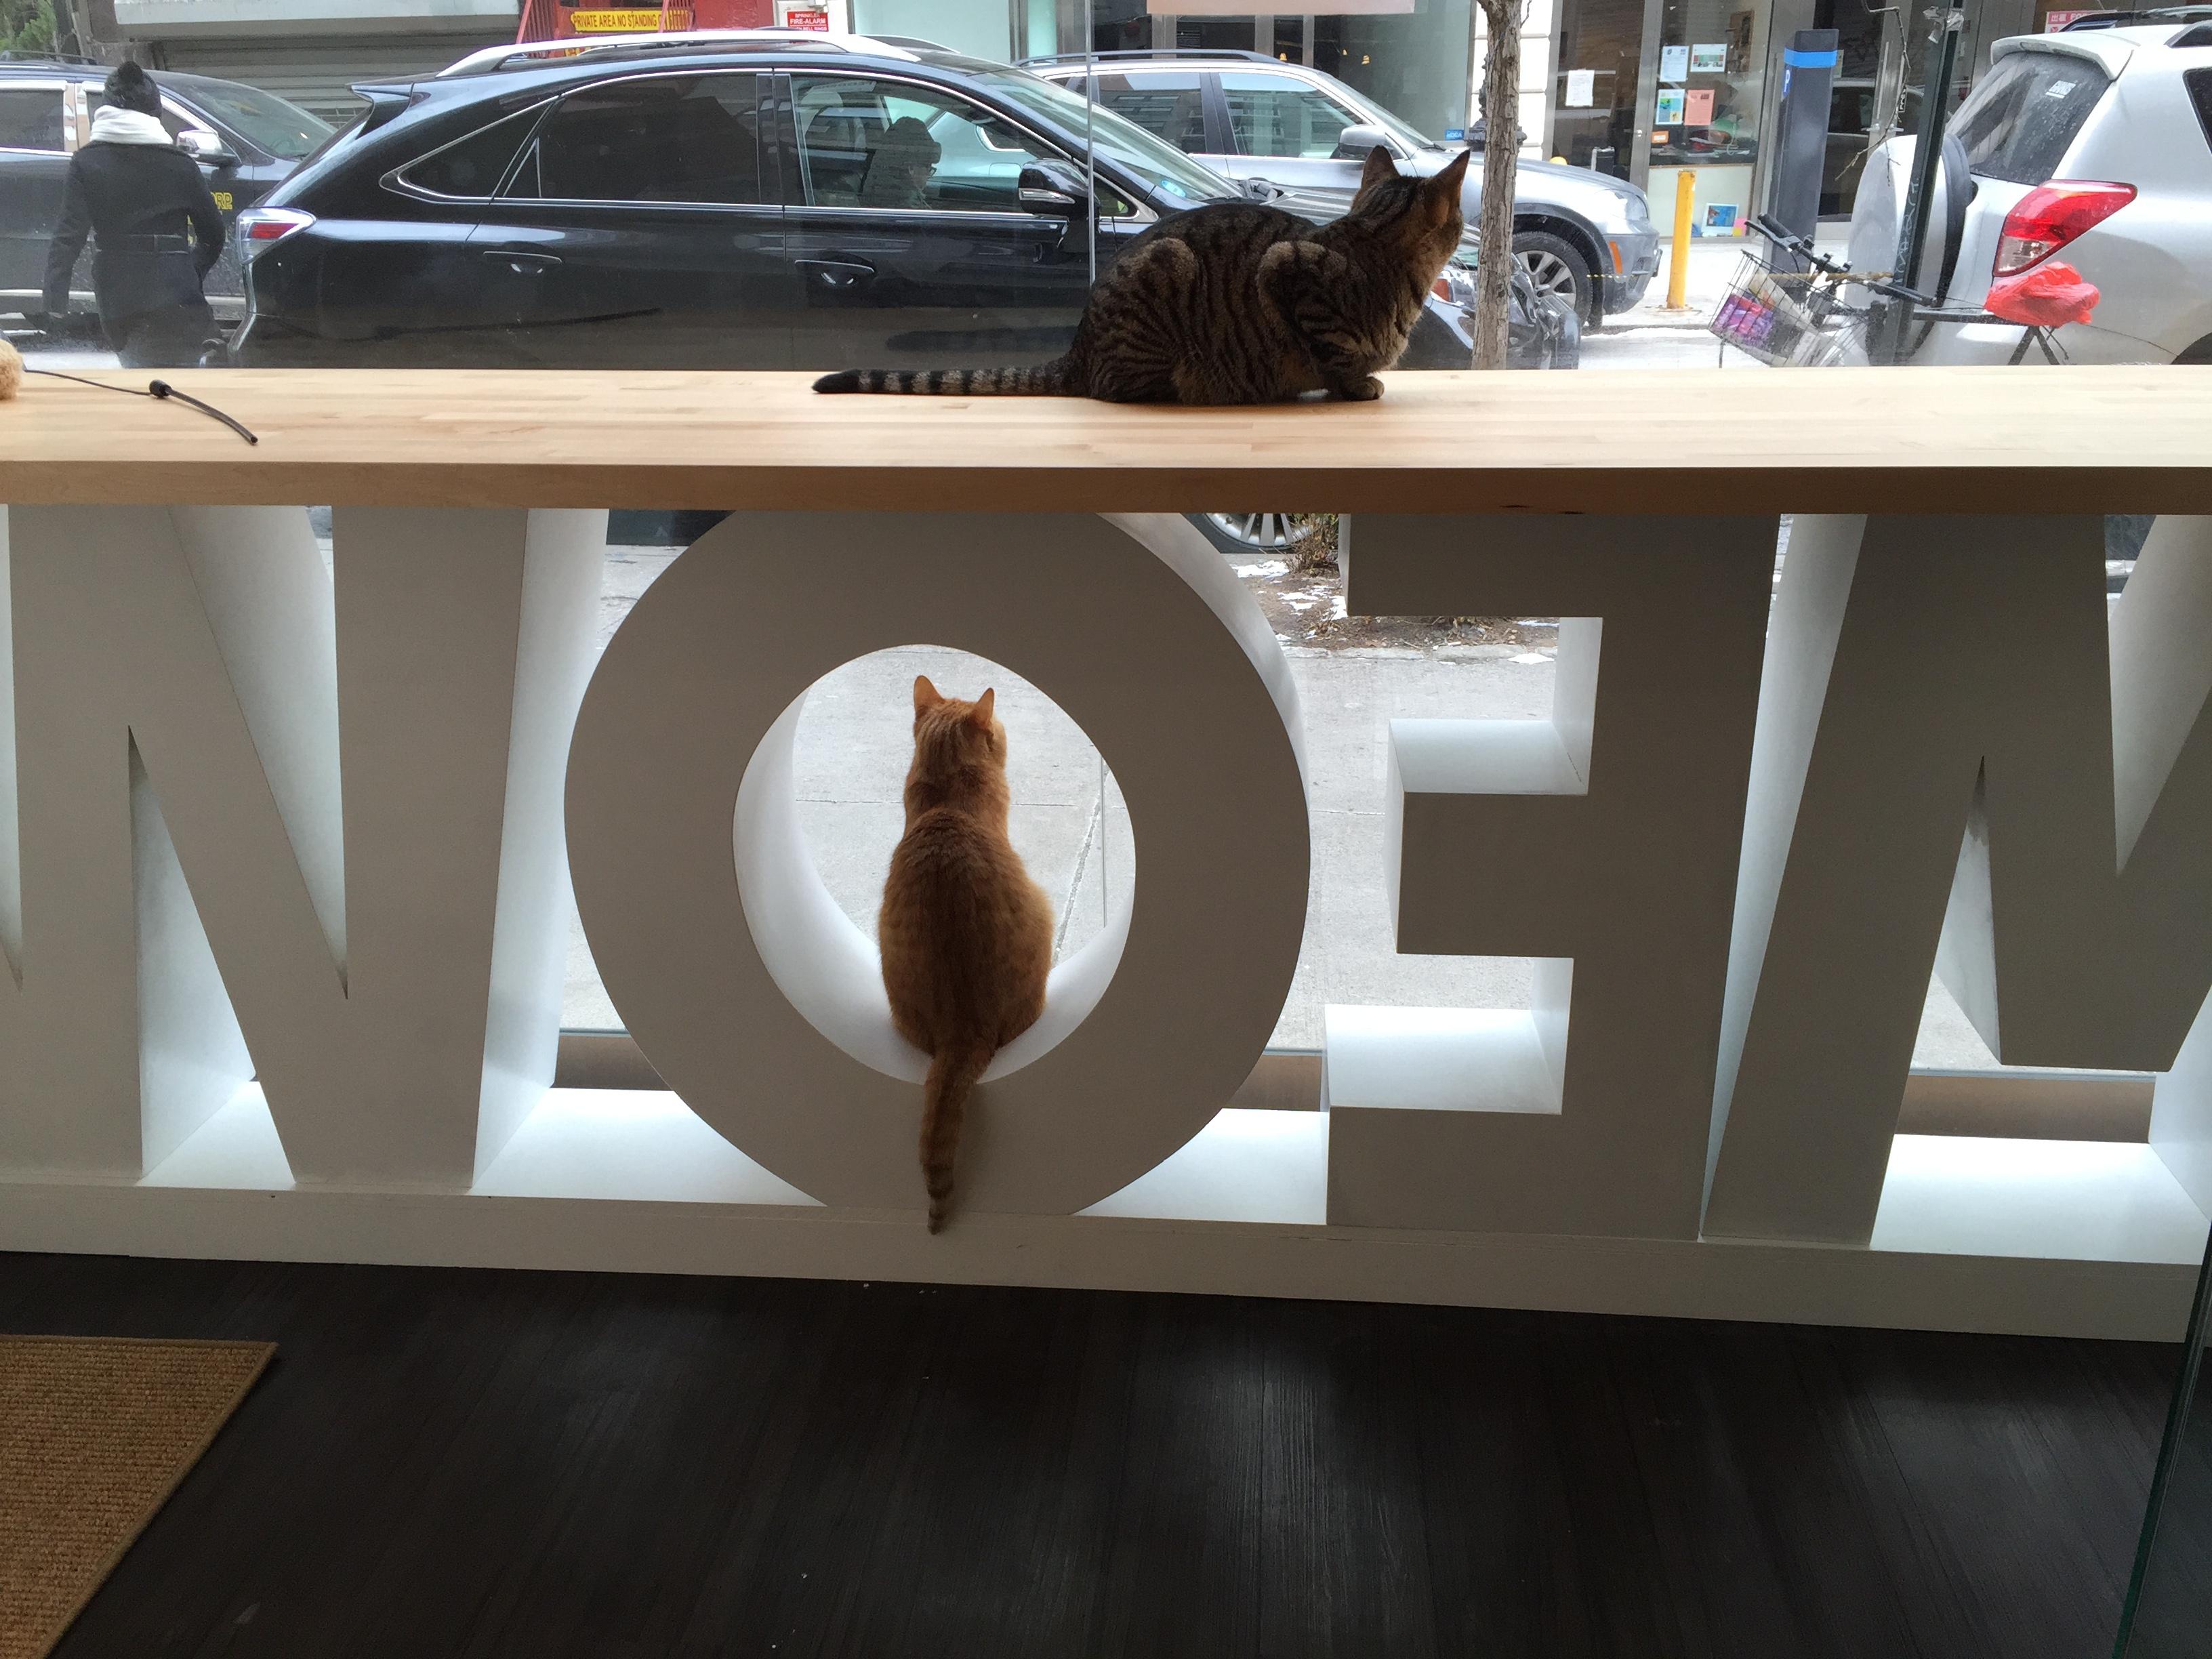 Meow-backwards